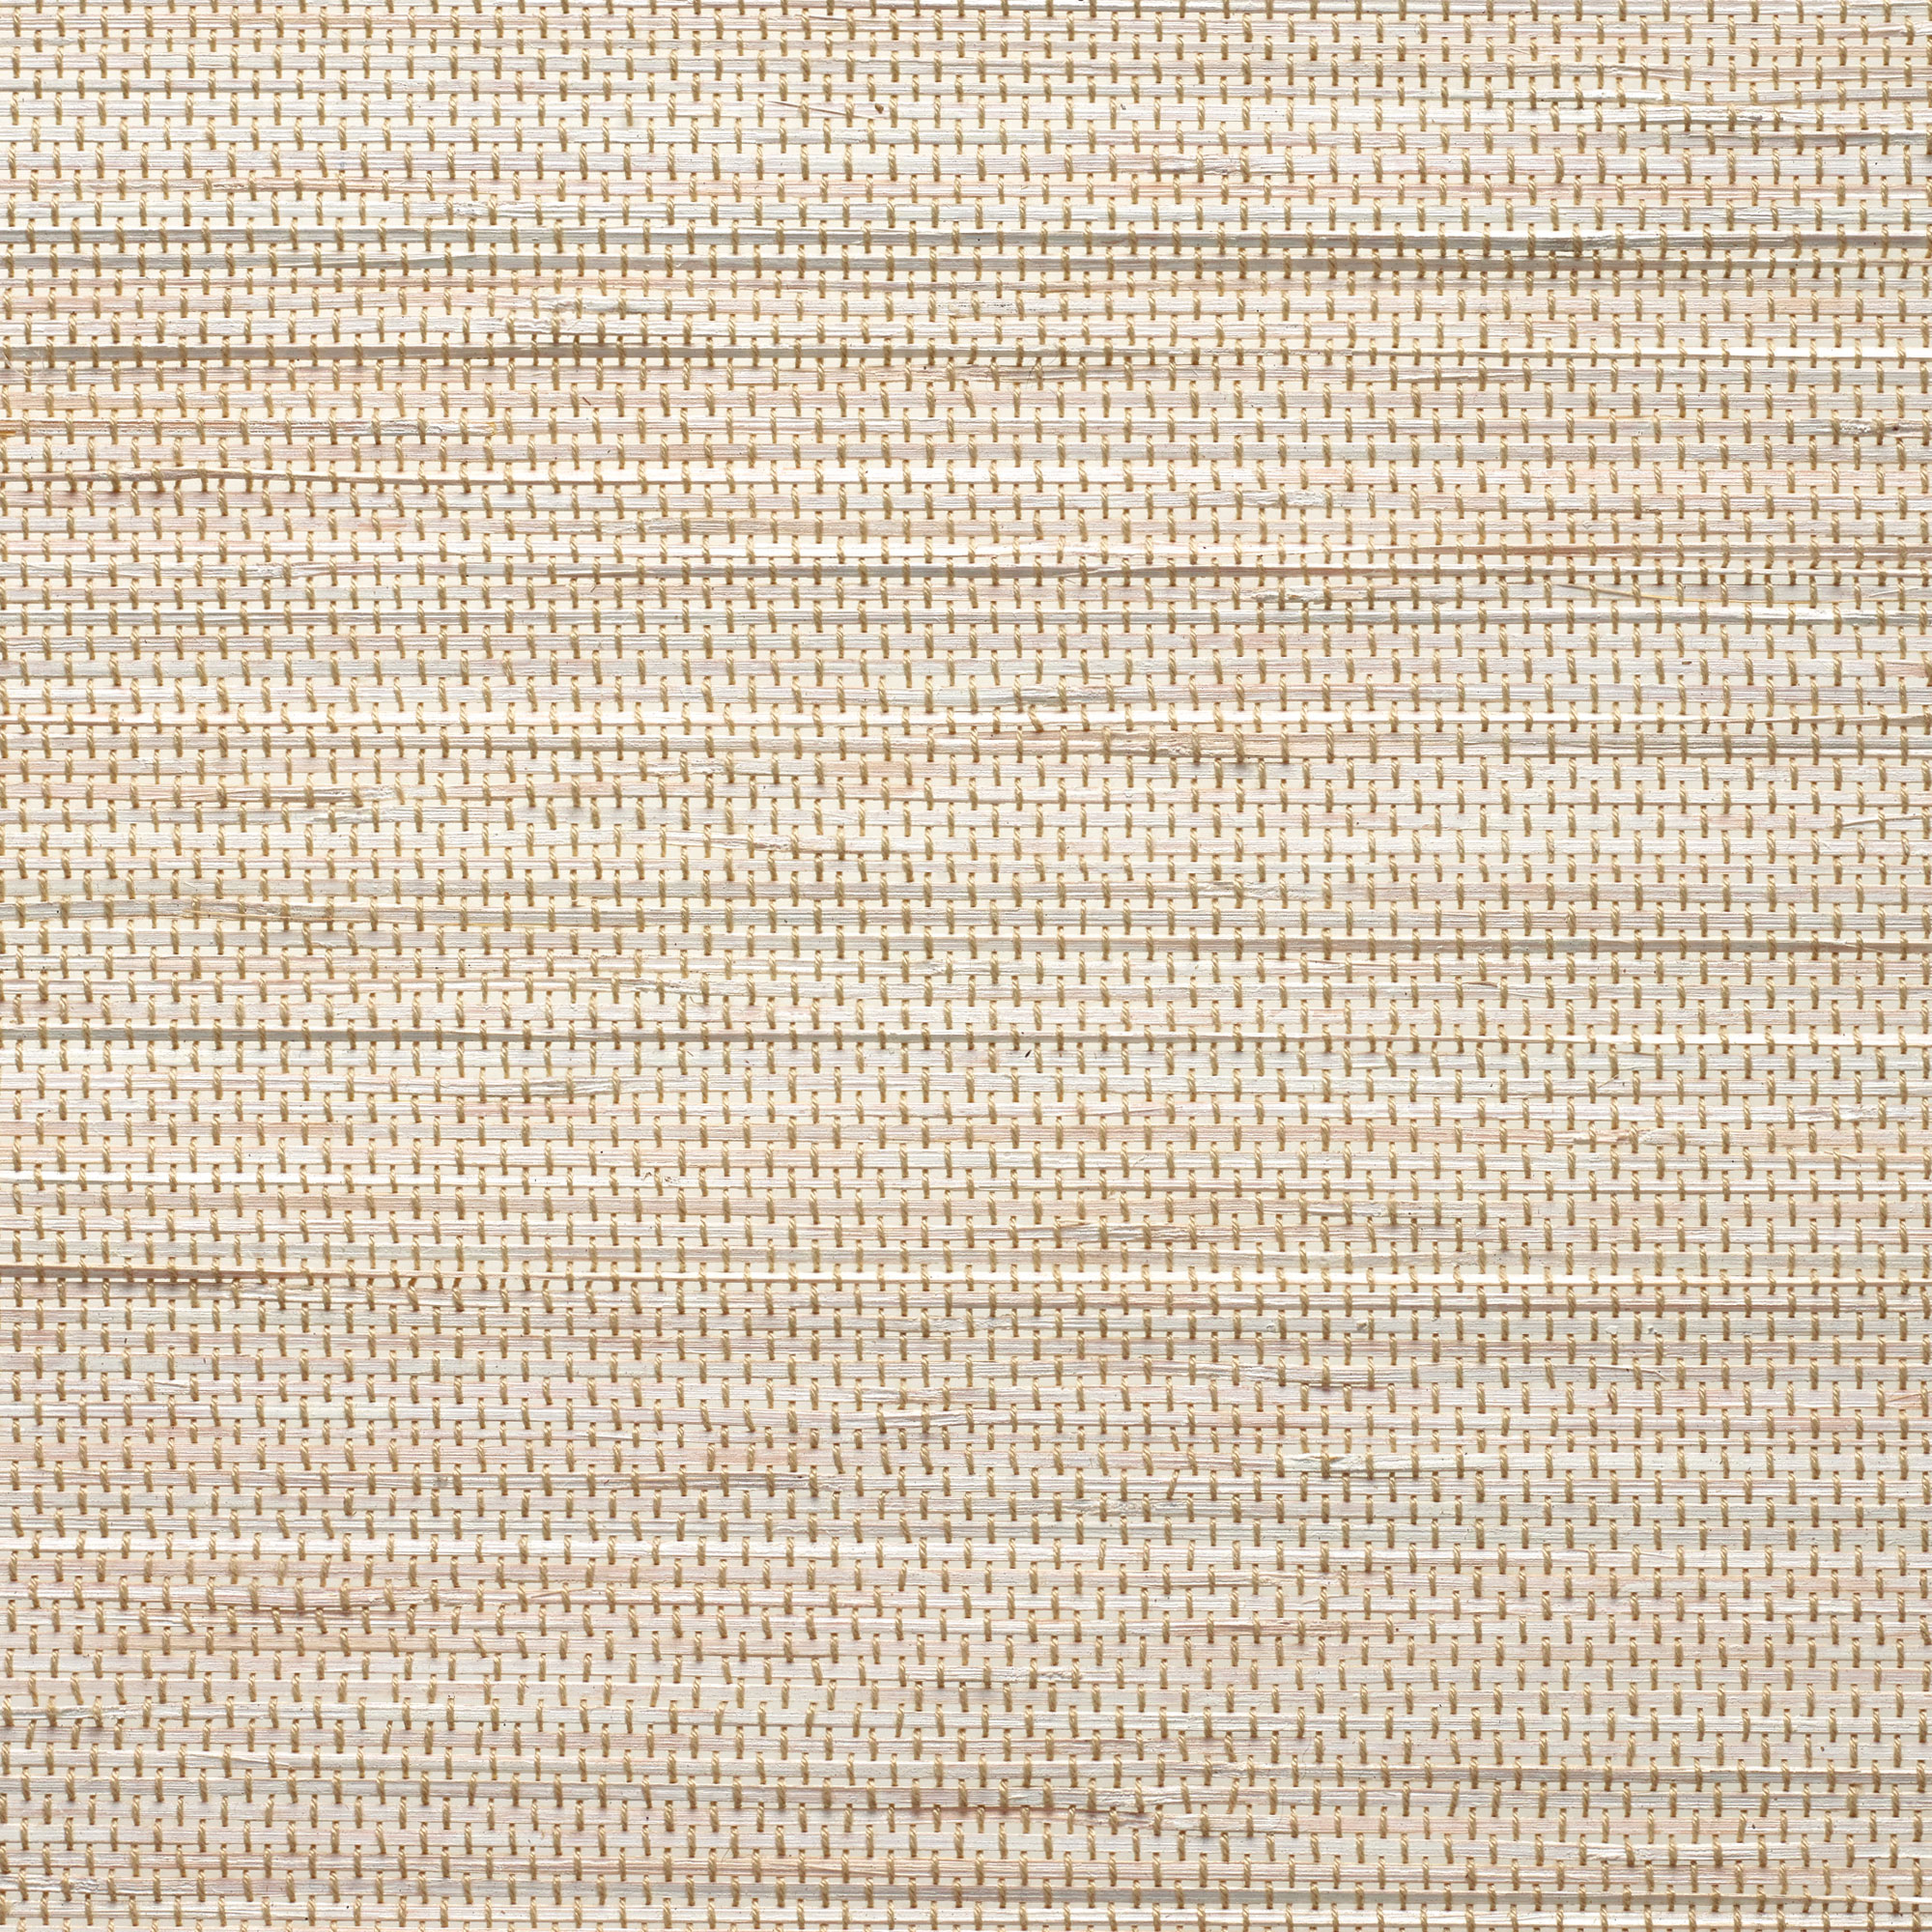 swatch-No.91w-linen-winter-linen-web.jpg